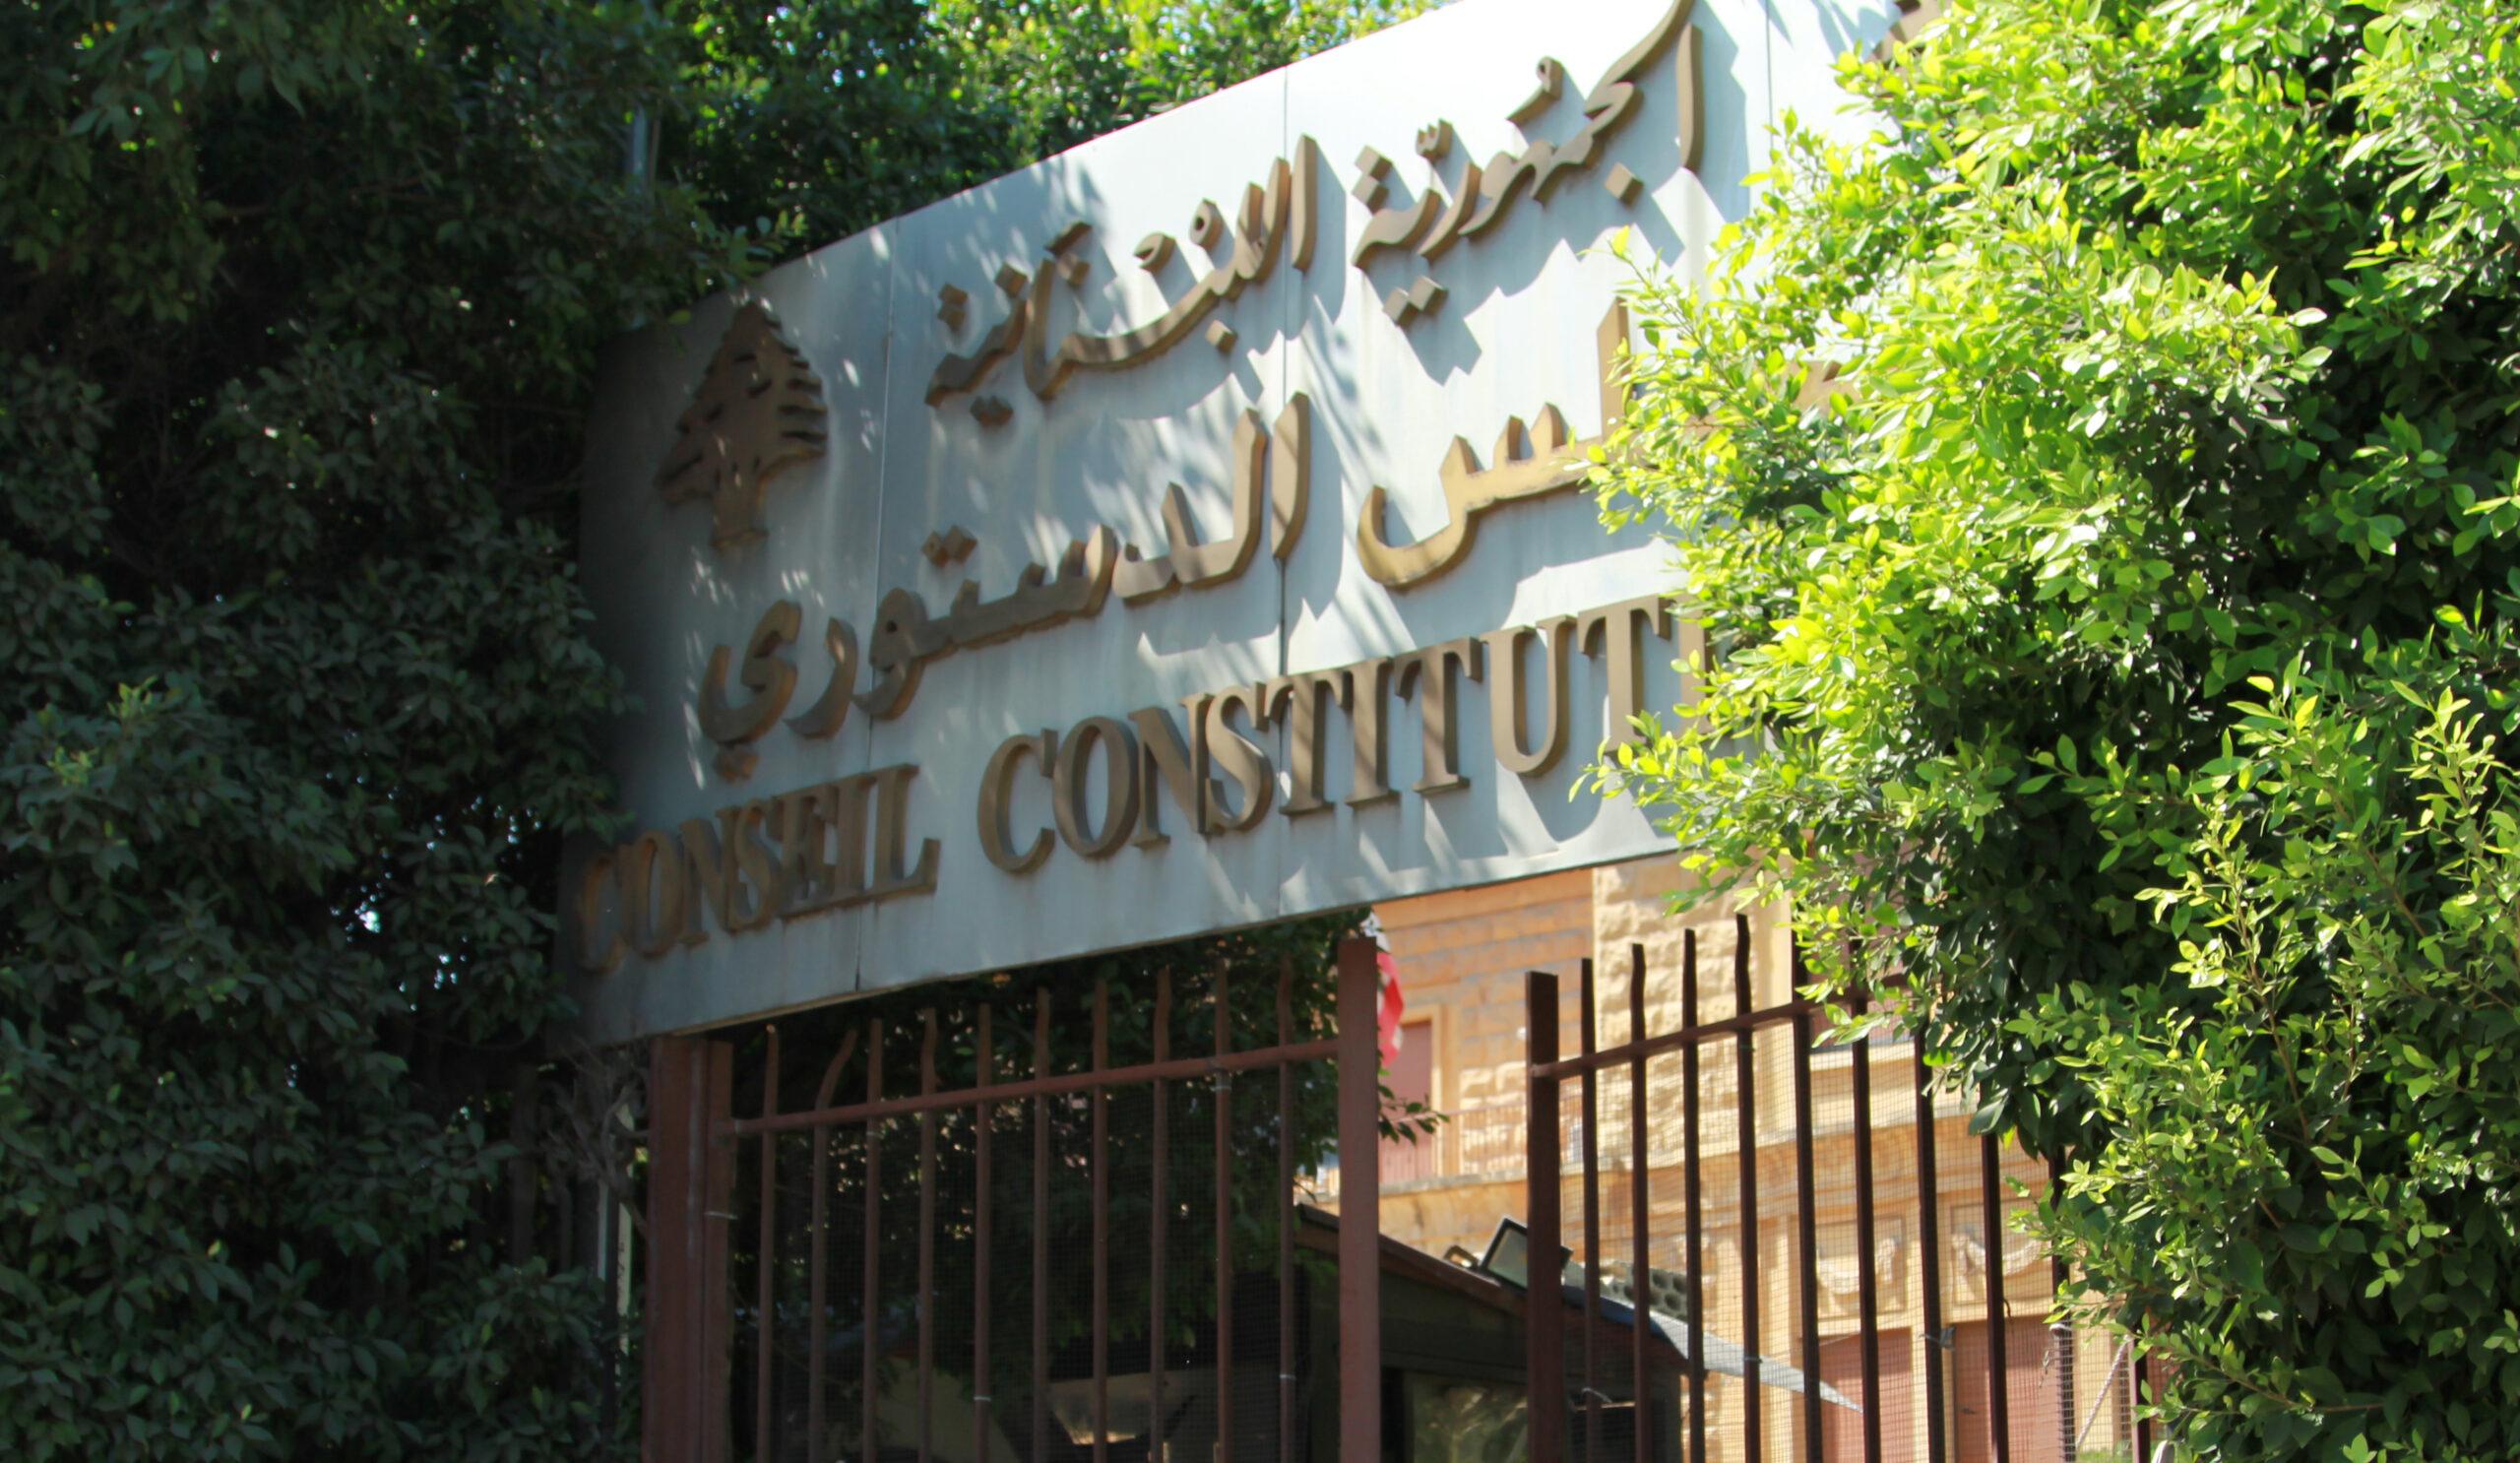 المجلس الدستوري اللبناني يتخلى عن مسؤوليته الدستورية: تعليق على القرار الدستوري بشأن الموازنة العامة 2019